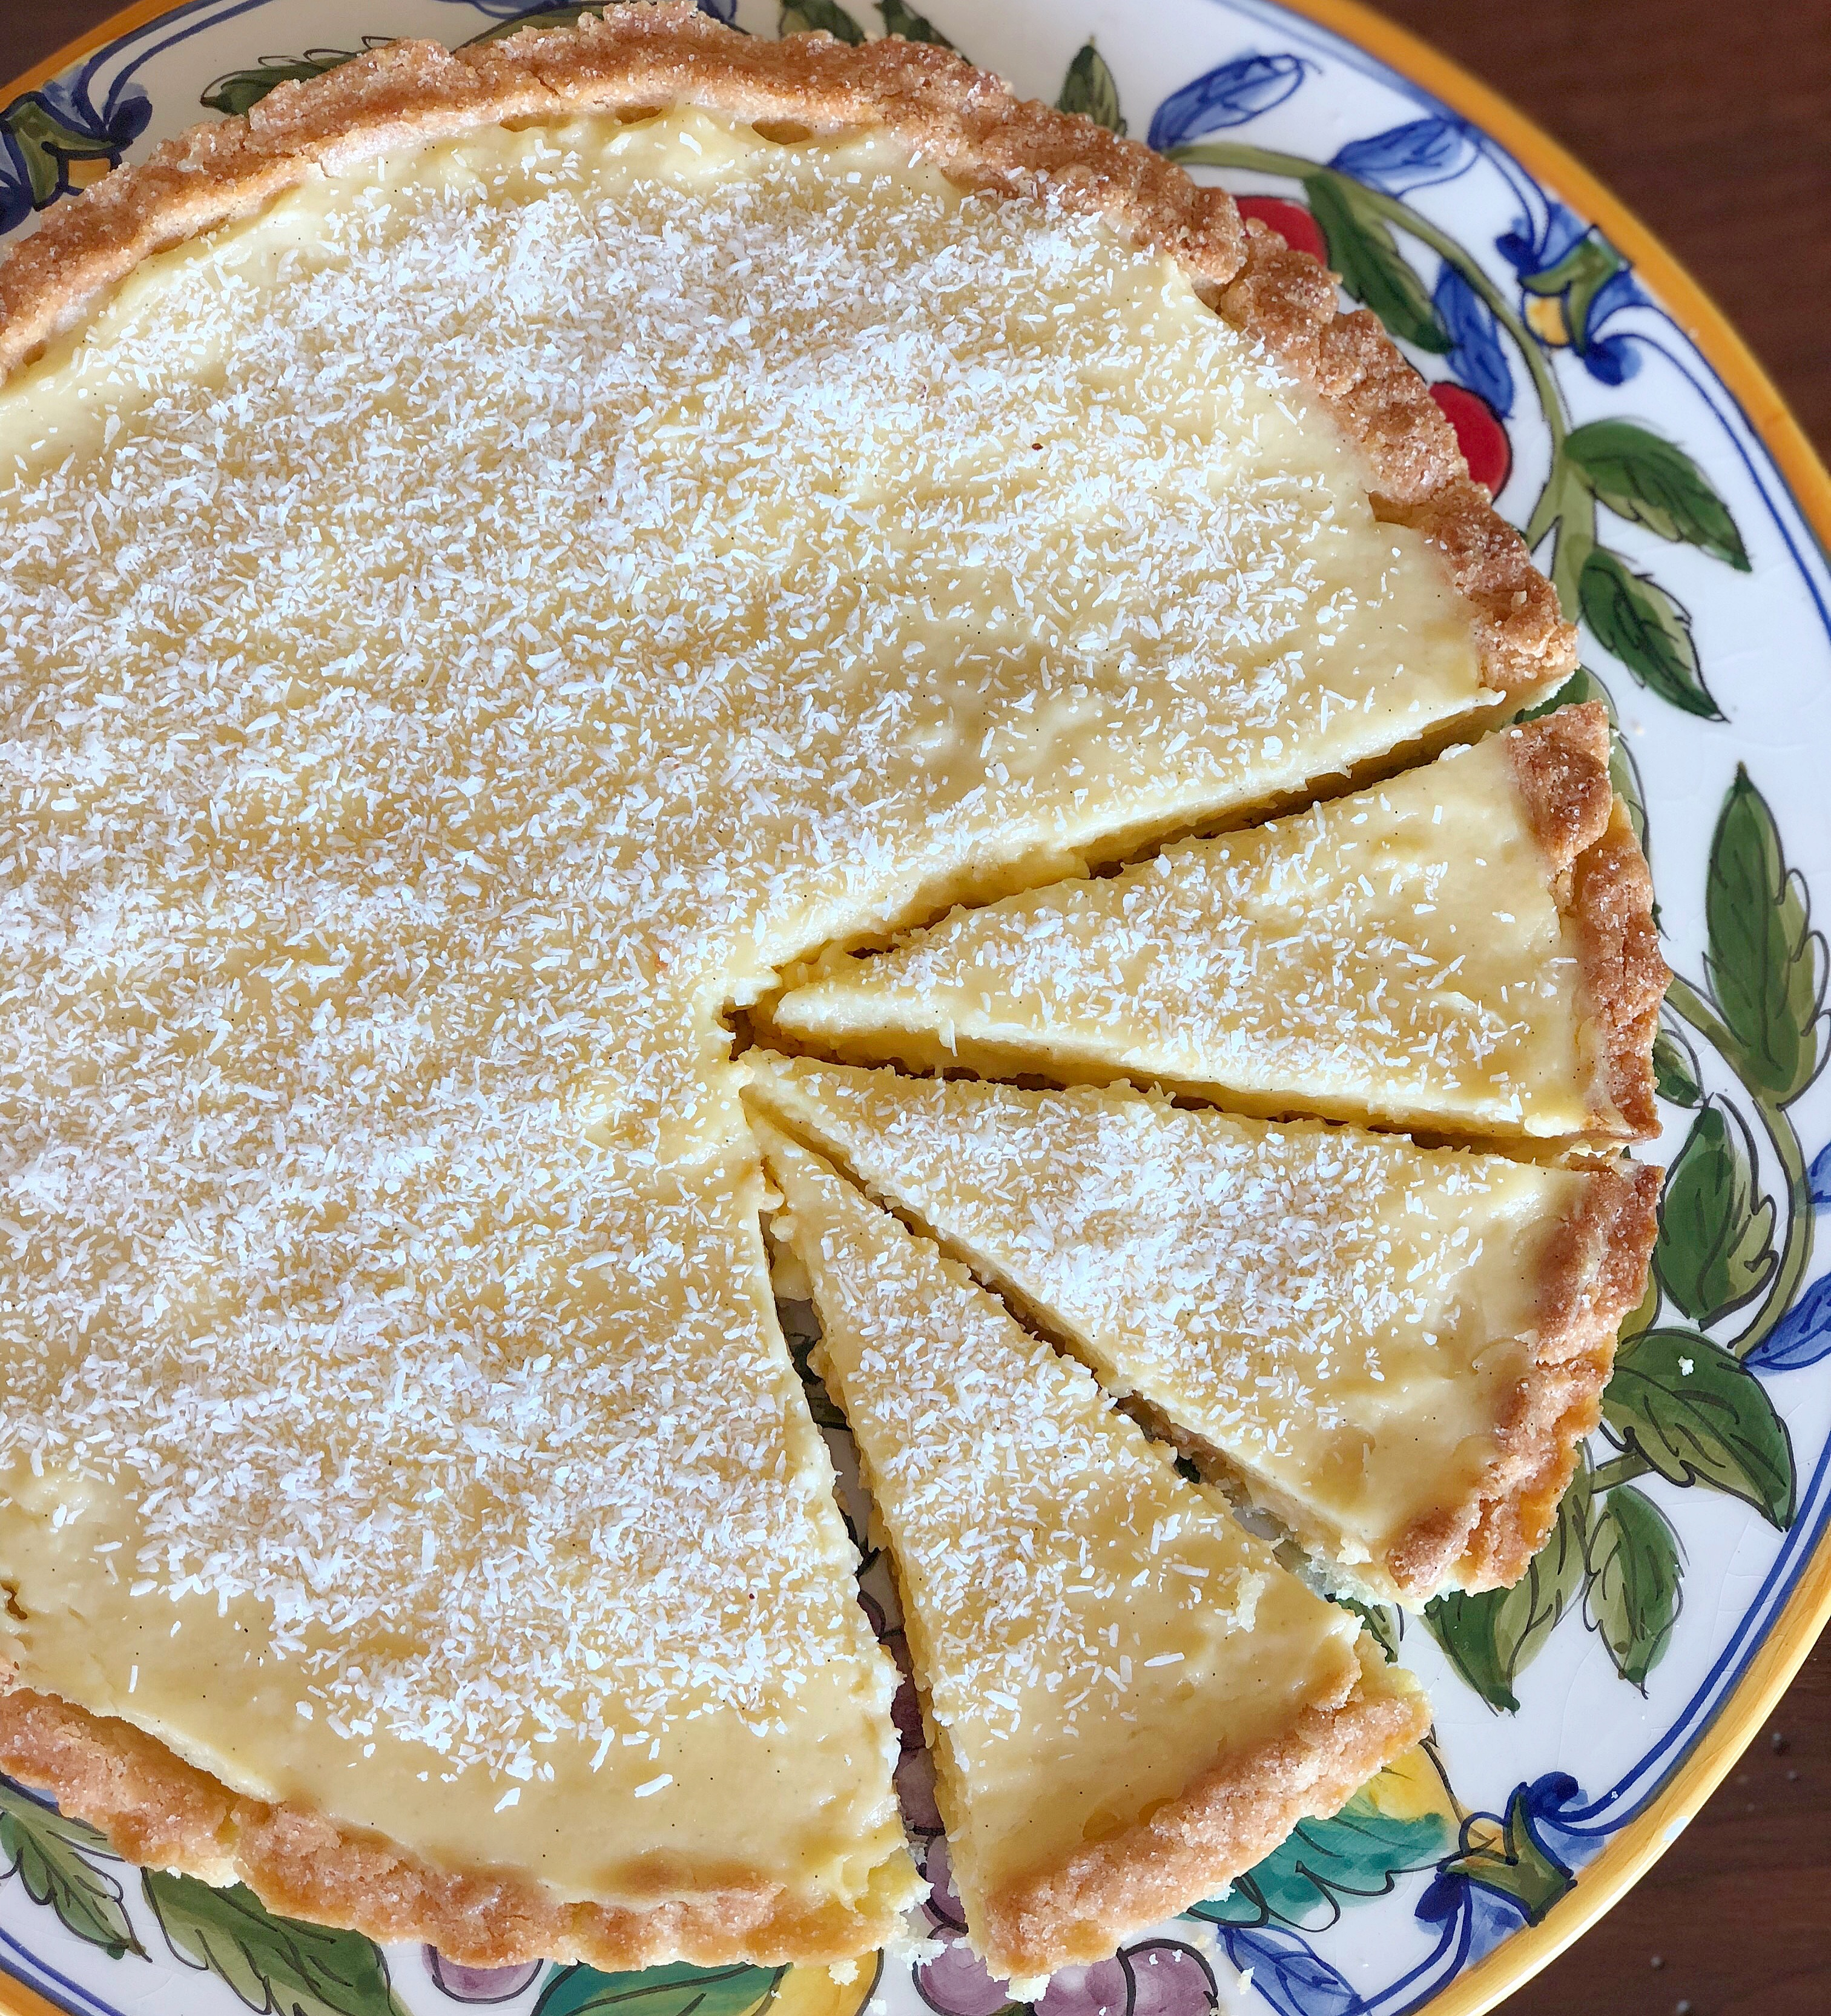 Crostata Limone e Cocco Senza Burro, un dolce dal sapore delicato e goloso di dolci senza burro